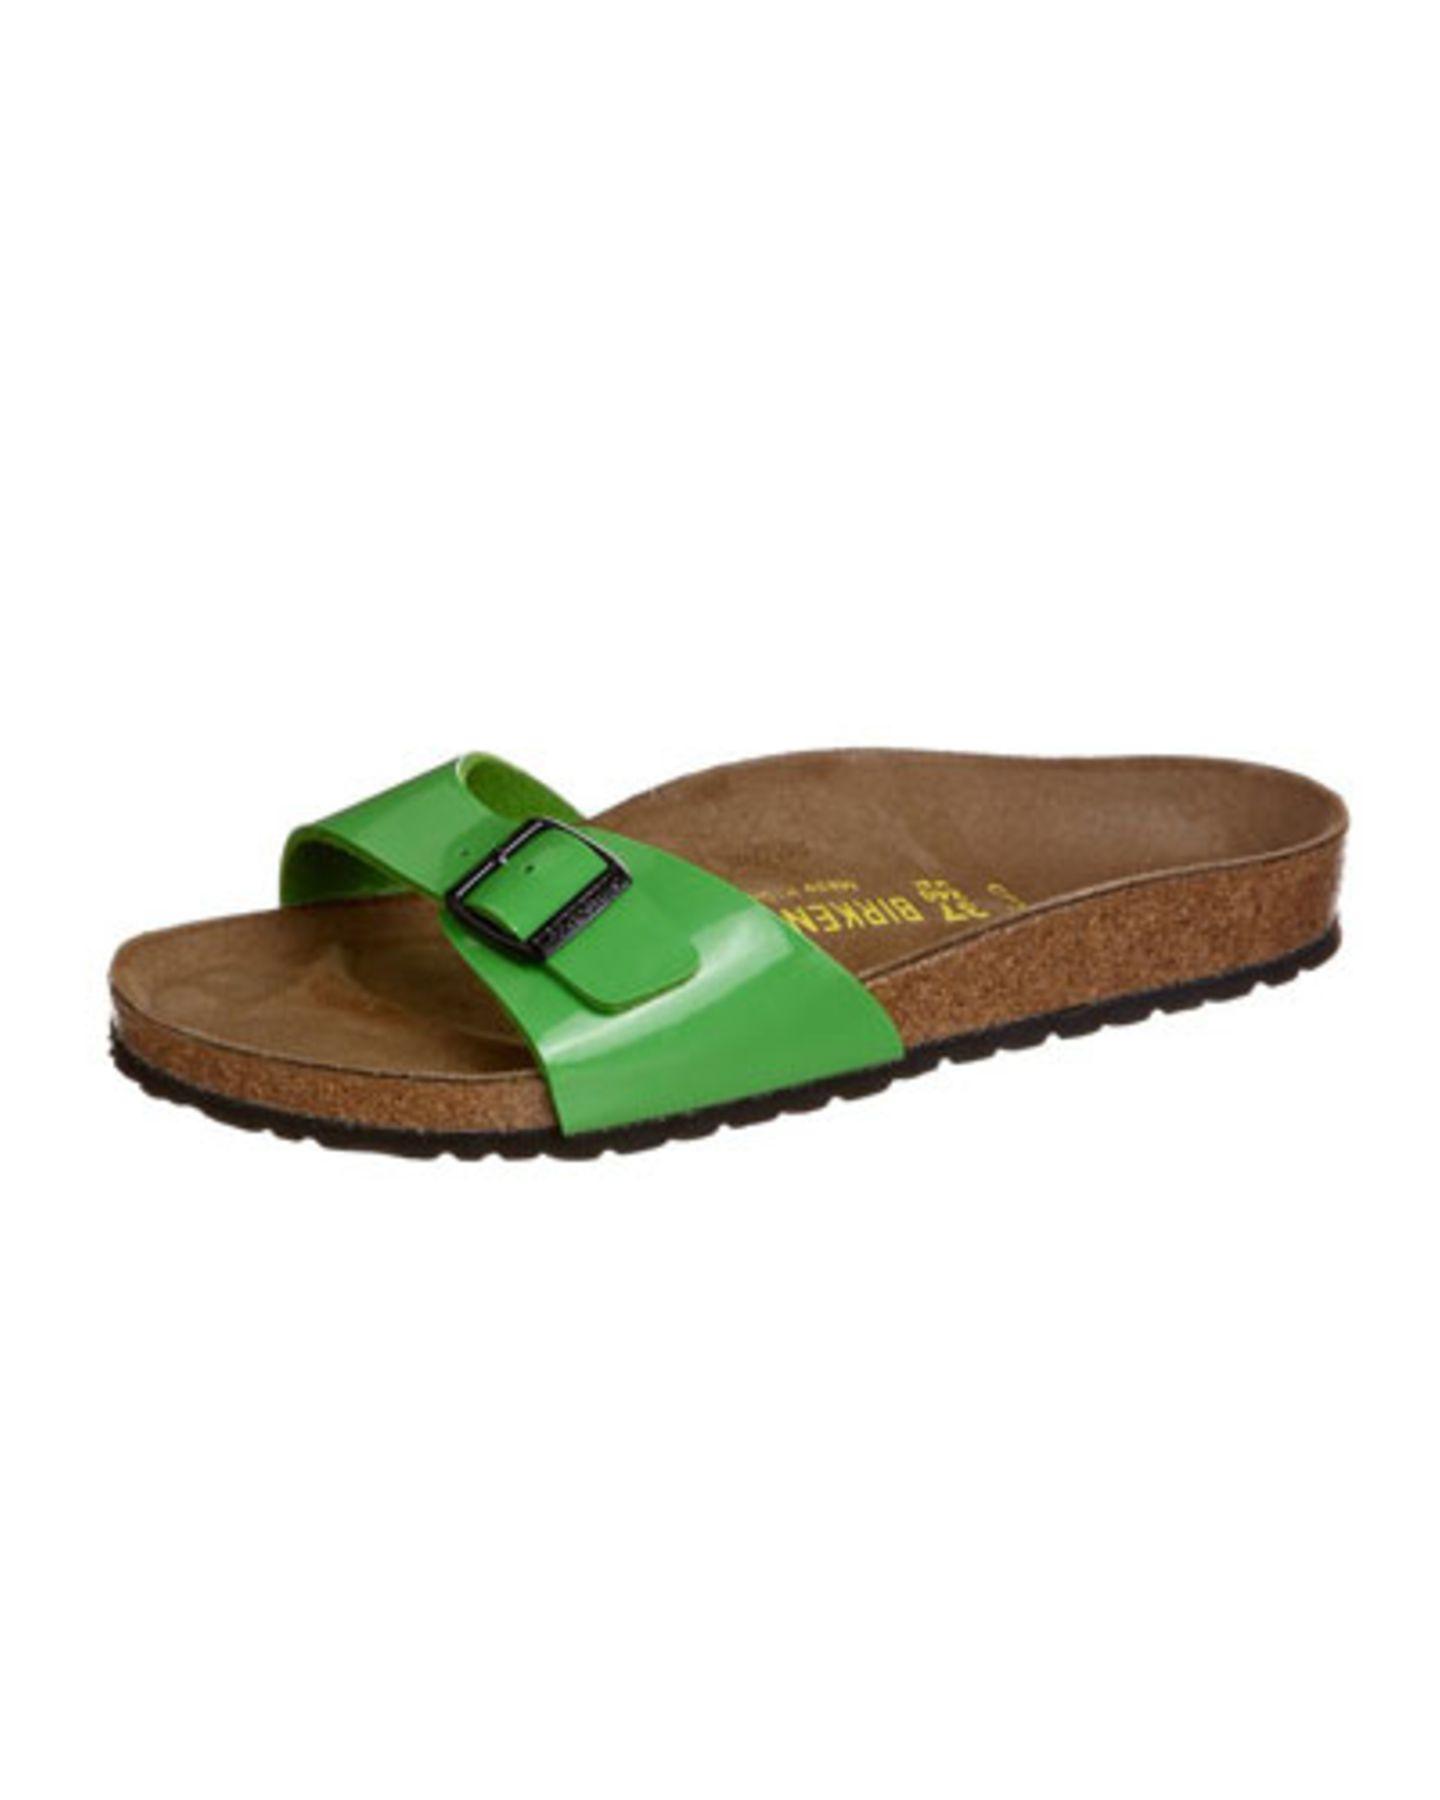 Sommer-Accessoires: Wir sind von Kopf bis Fuß auf Grün eingestellt. Die Pantolette mit grünem Lack-Riemen sieht nicht nur gut aus, sie ist auch bequem. Das Fußbett aus Naturkork und die komfortable Laufsohle tragen müde Füße lässig durch den Sommer. Um 40 Euro. Bestellen über zalando oder direkt bei Birkenstock.